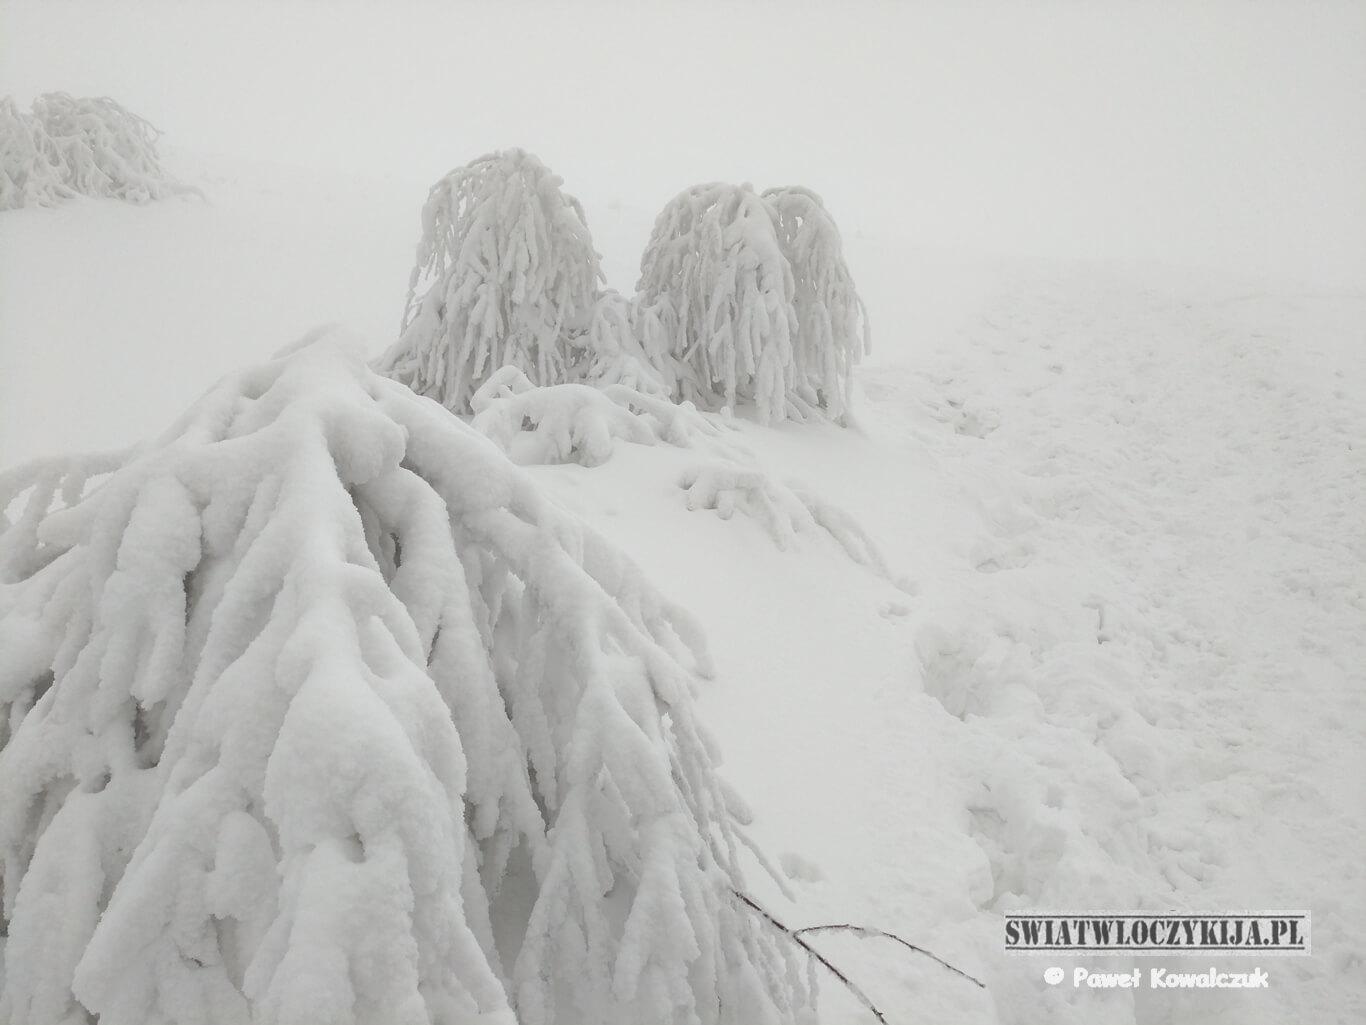 Ośnieżone krzewy na czerwonym szlaku na Połoninę Caryńską